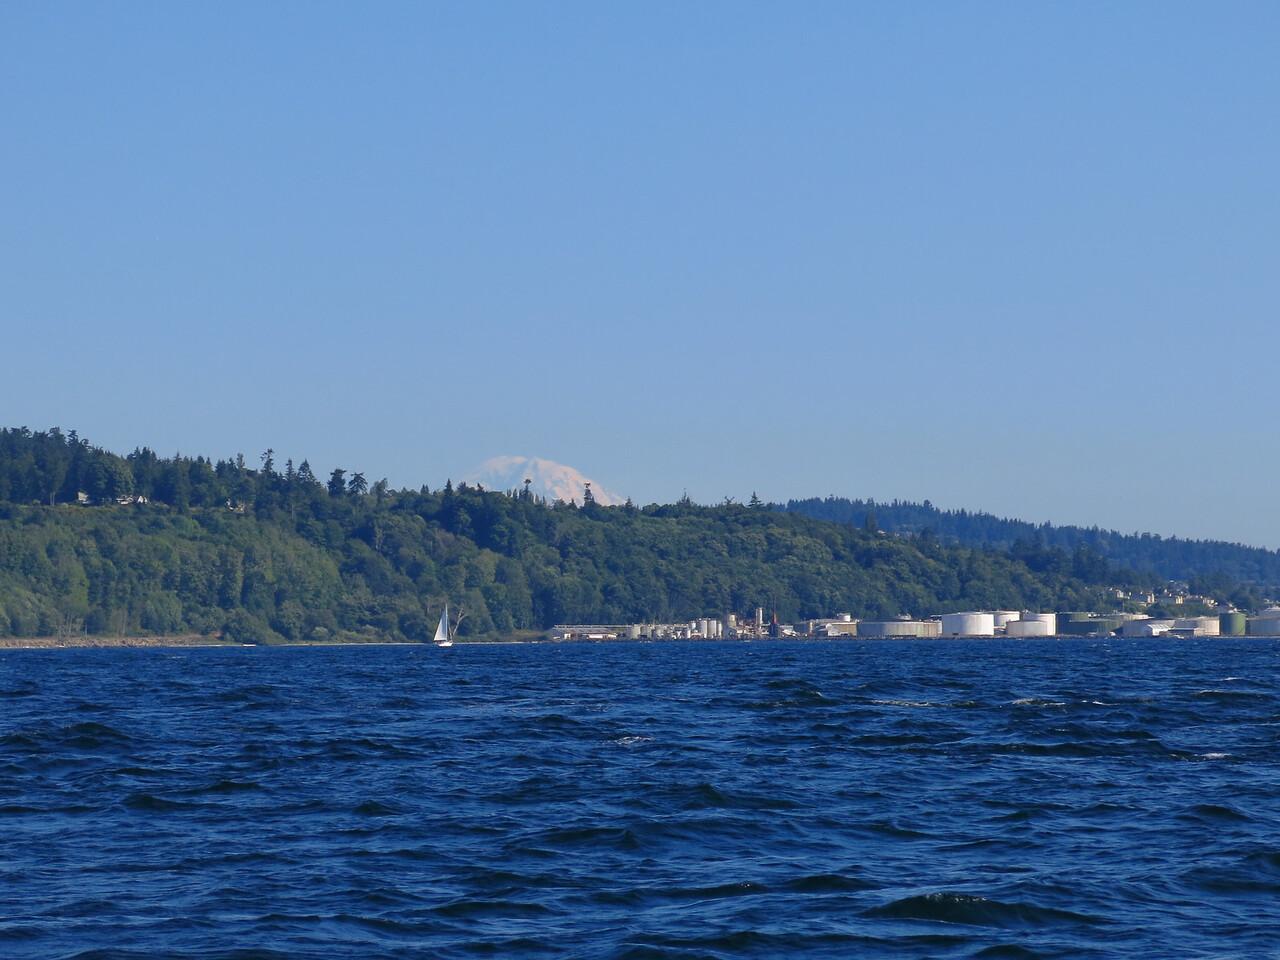 2014-07-26 Sail (17)